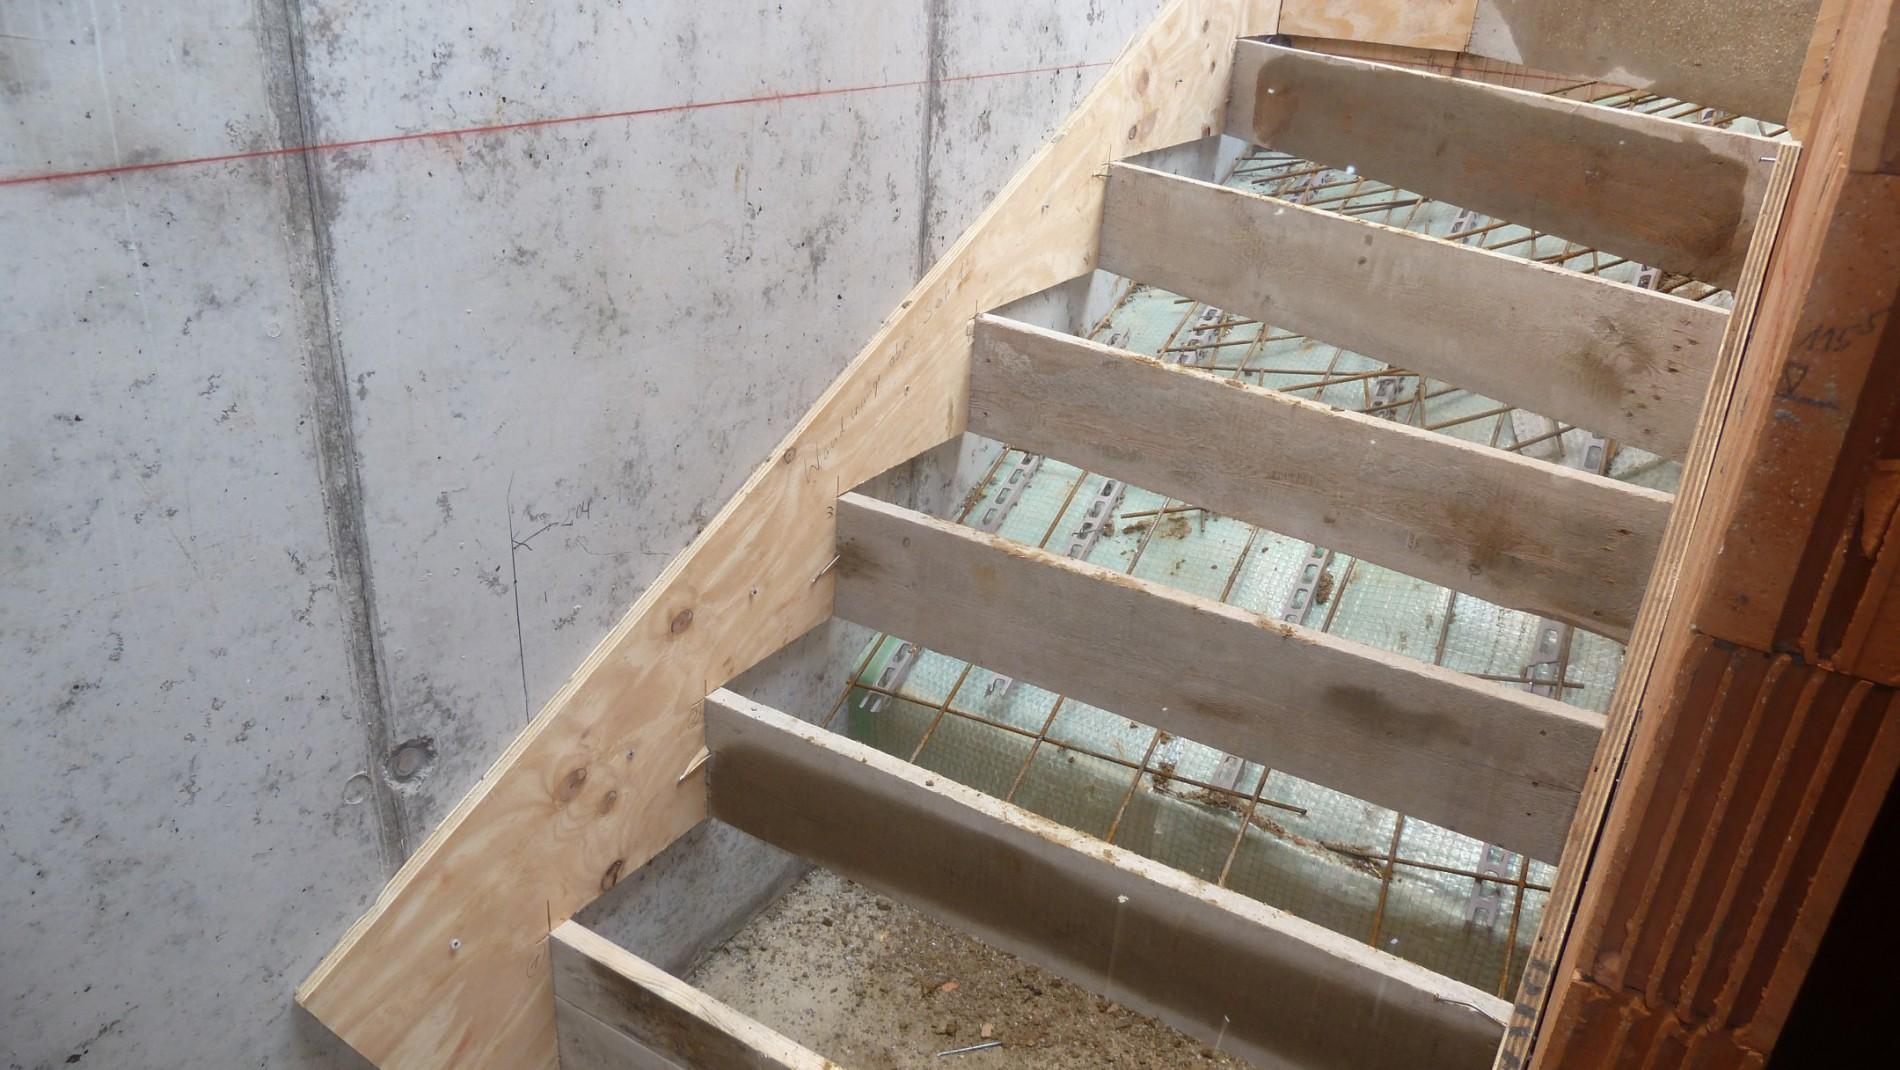 treppe betonieren betontreppe selber bauen 2018 schallbr ckenfreier einbau von geraden. Black Bedroom Furniture Sets. Home Design Ideas